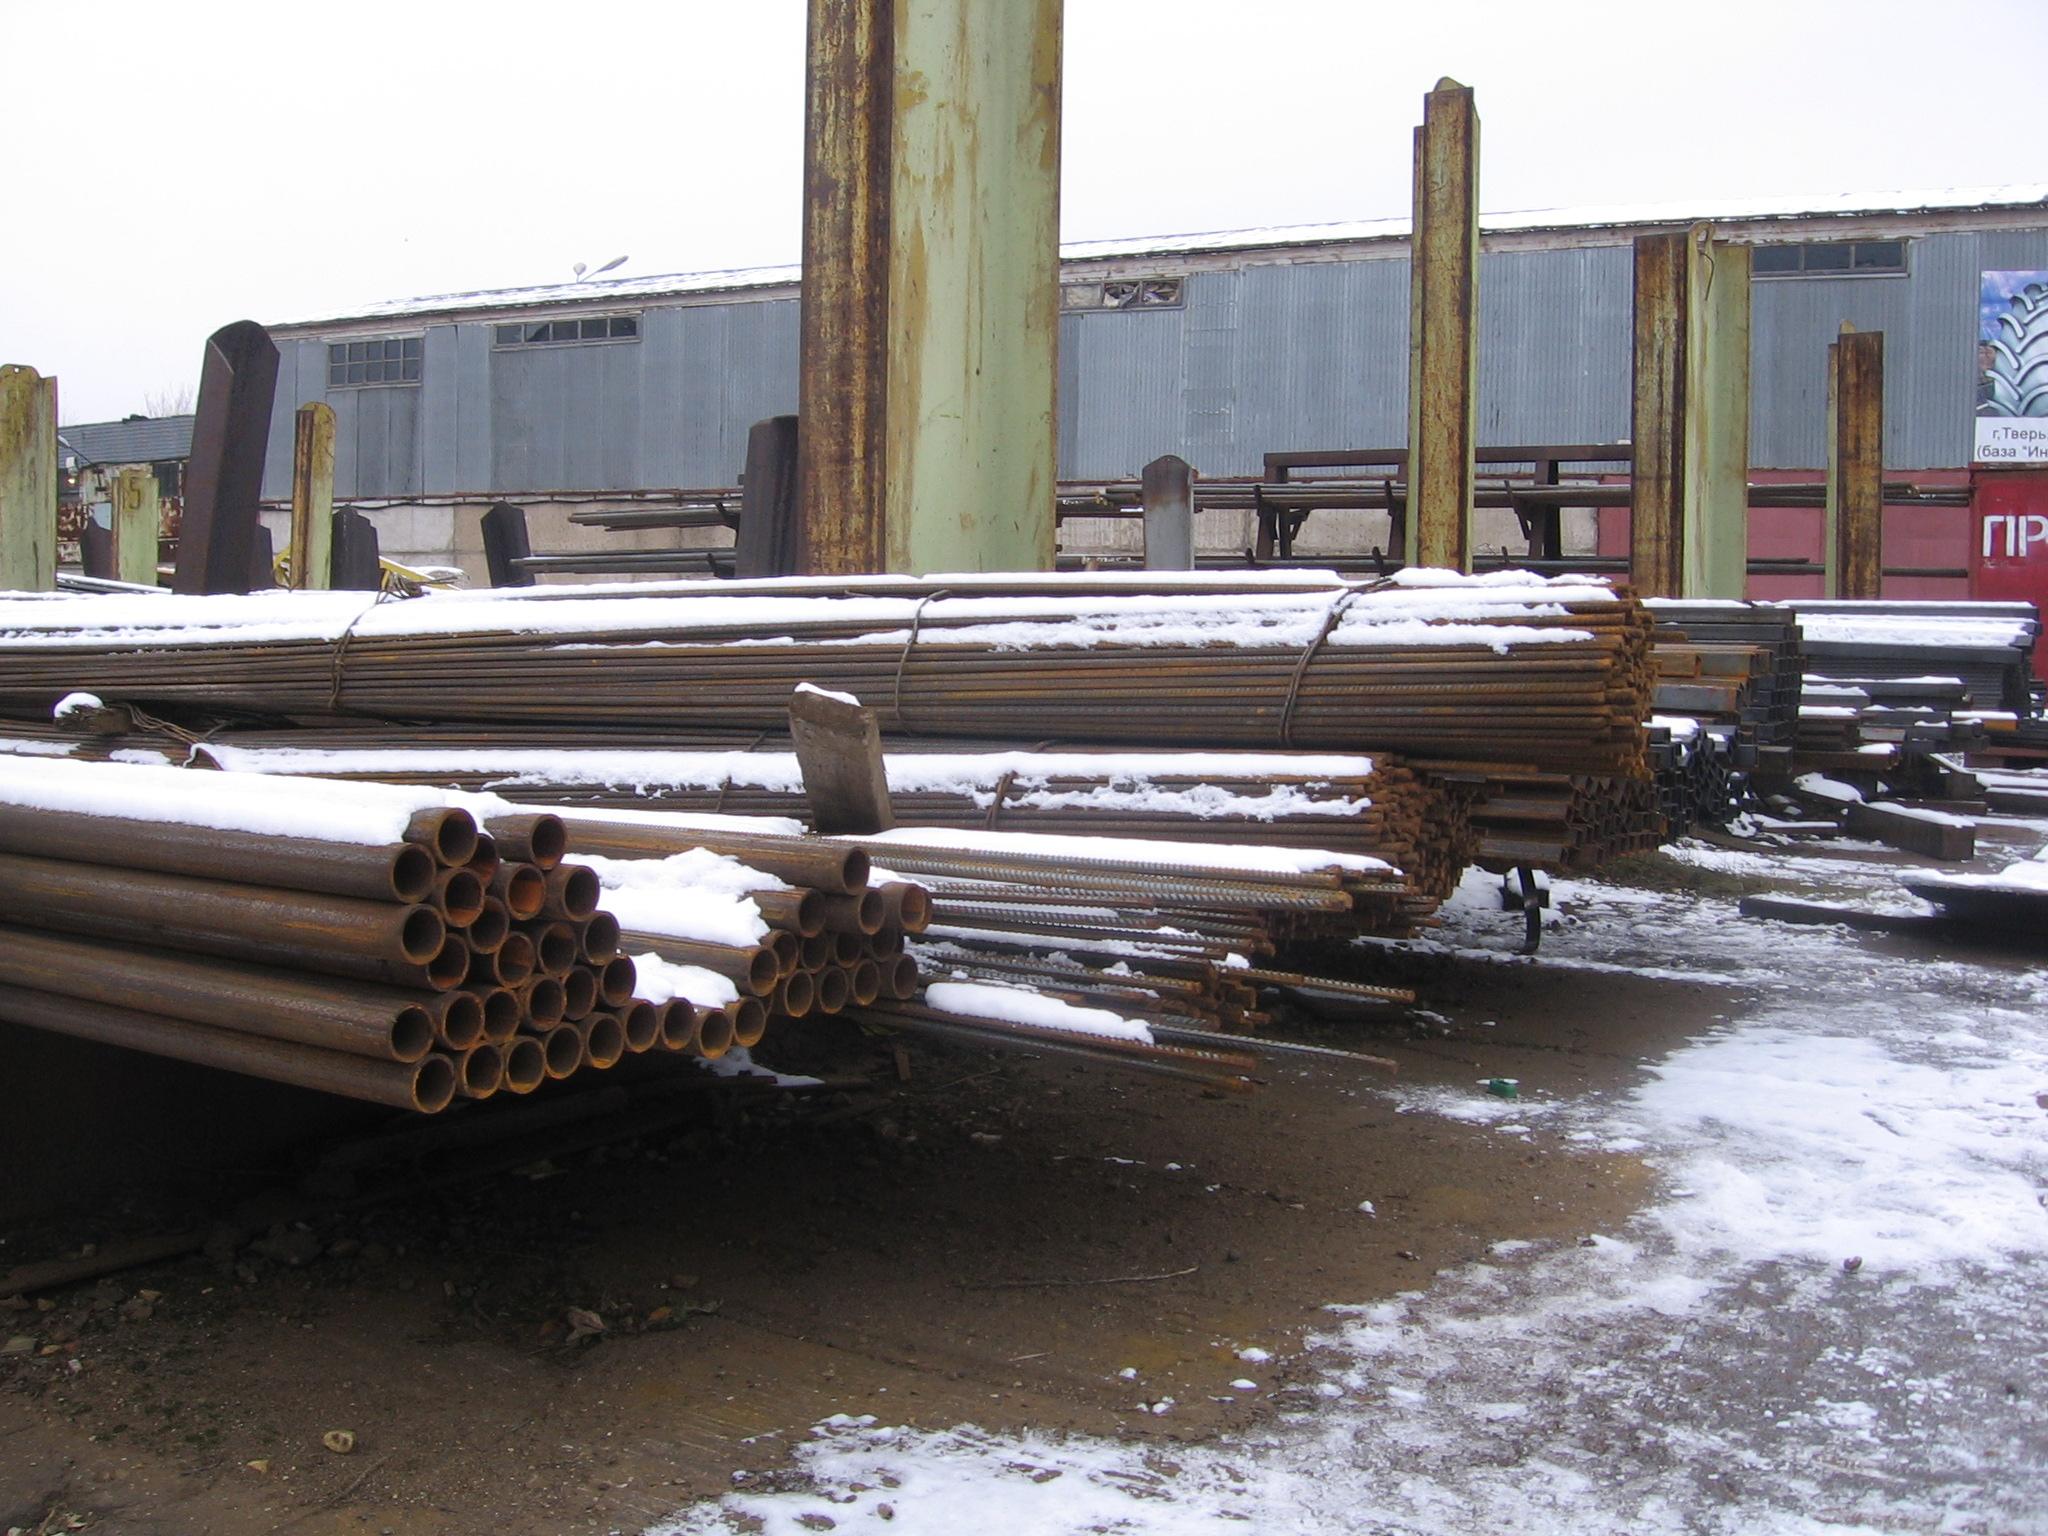 Каталог продукции - дозаторы - металлопрокат оптом в твери, весы и весовое оборудование, поставки металла и металлопроката